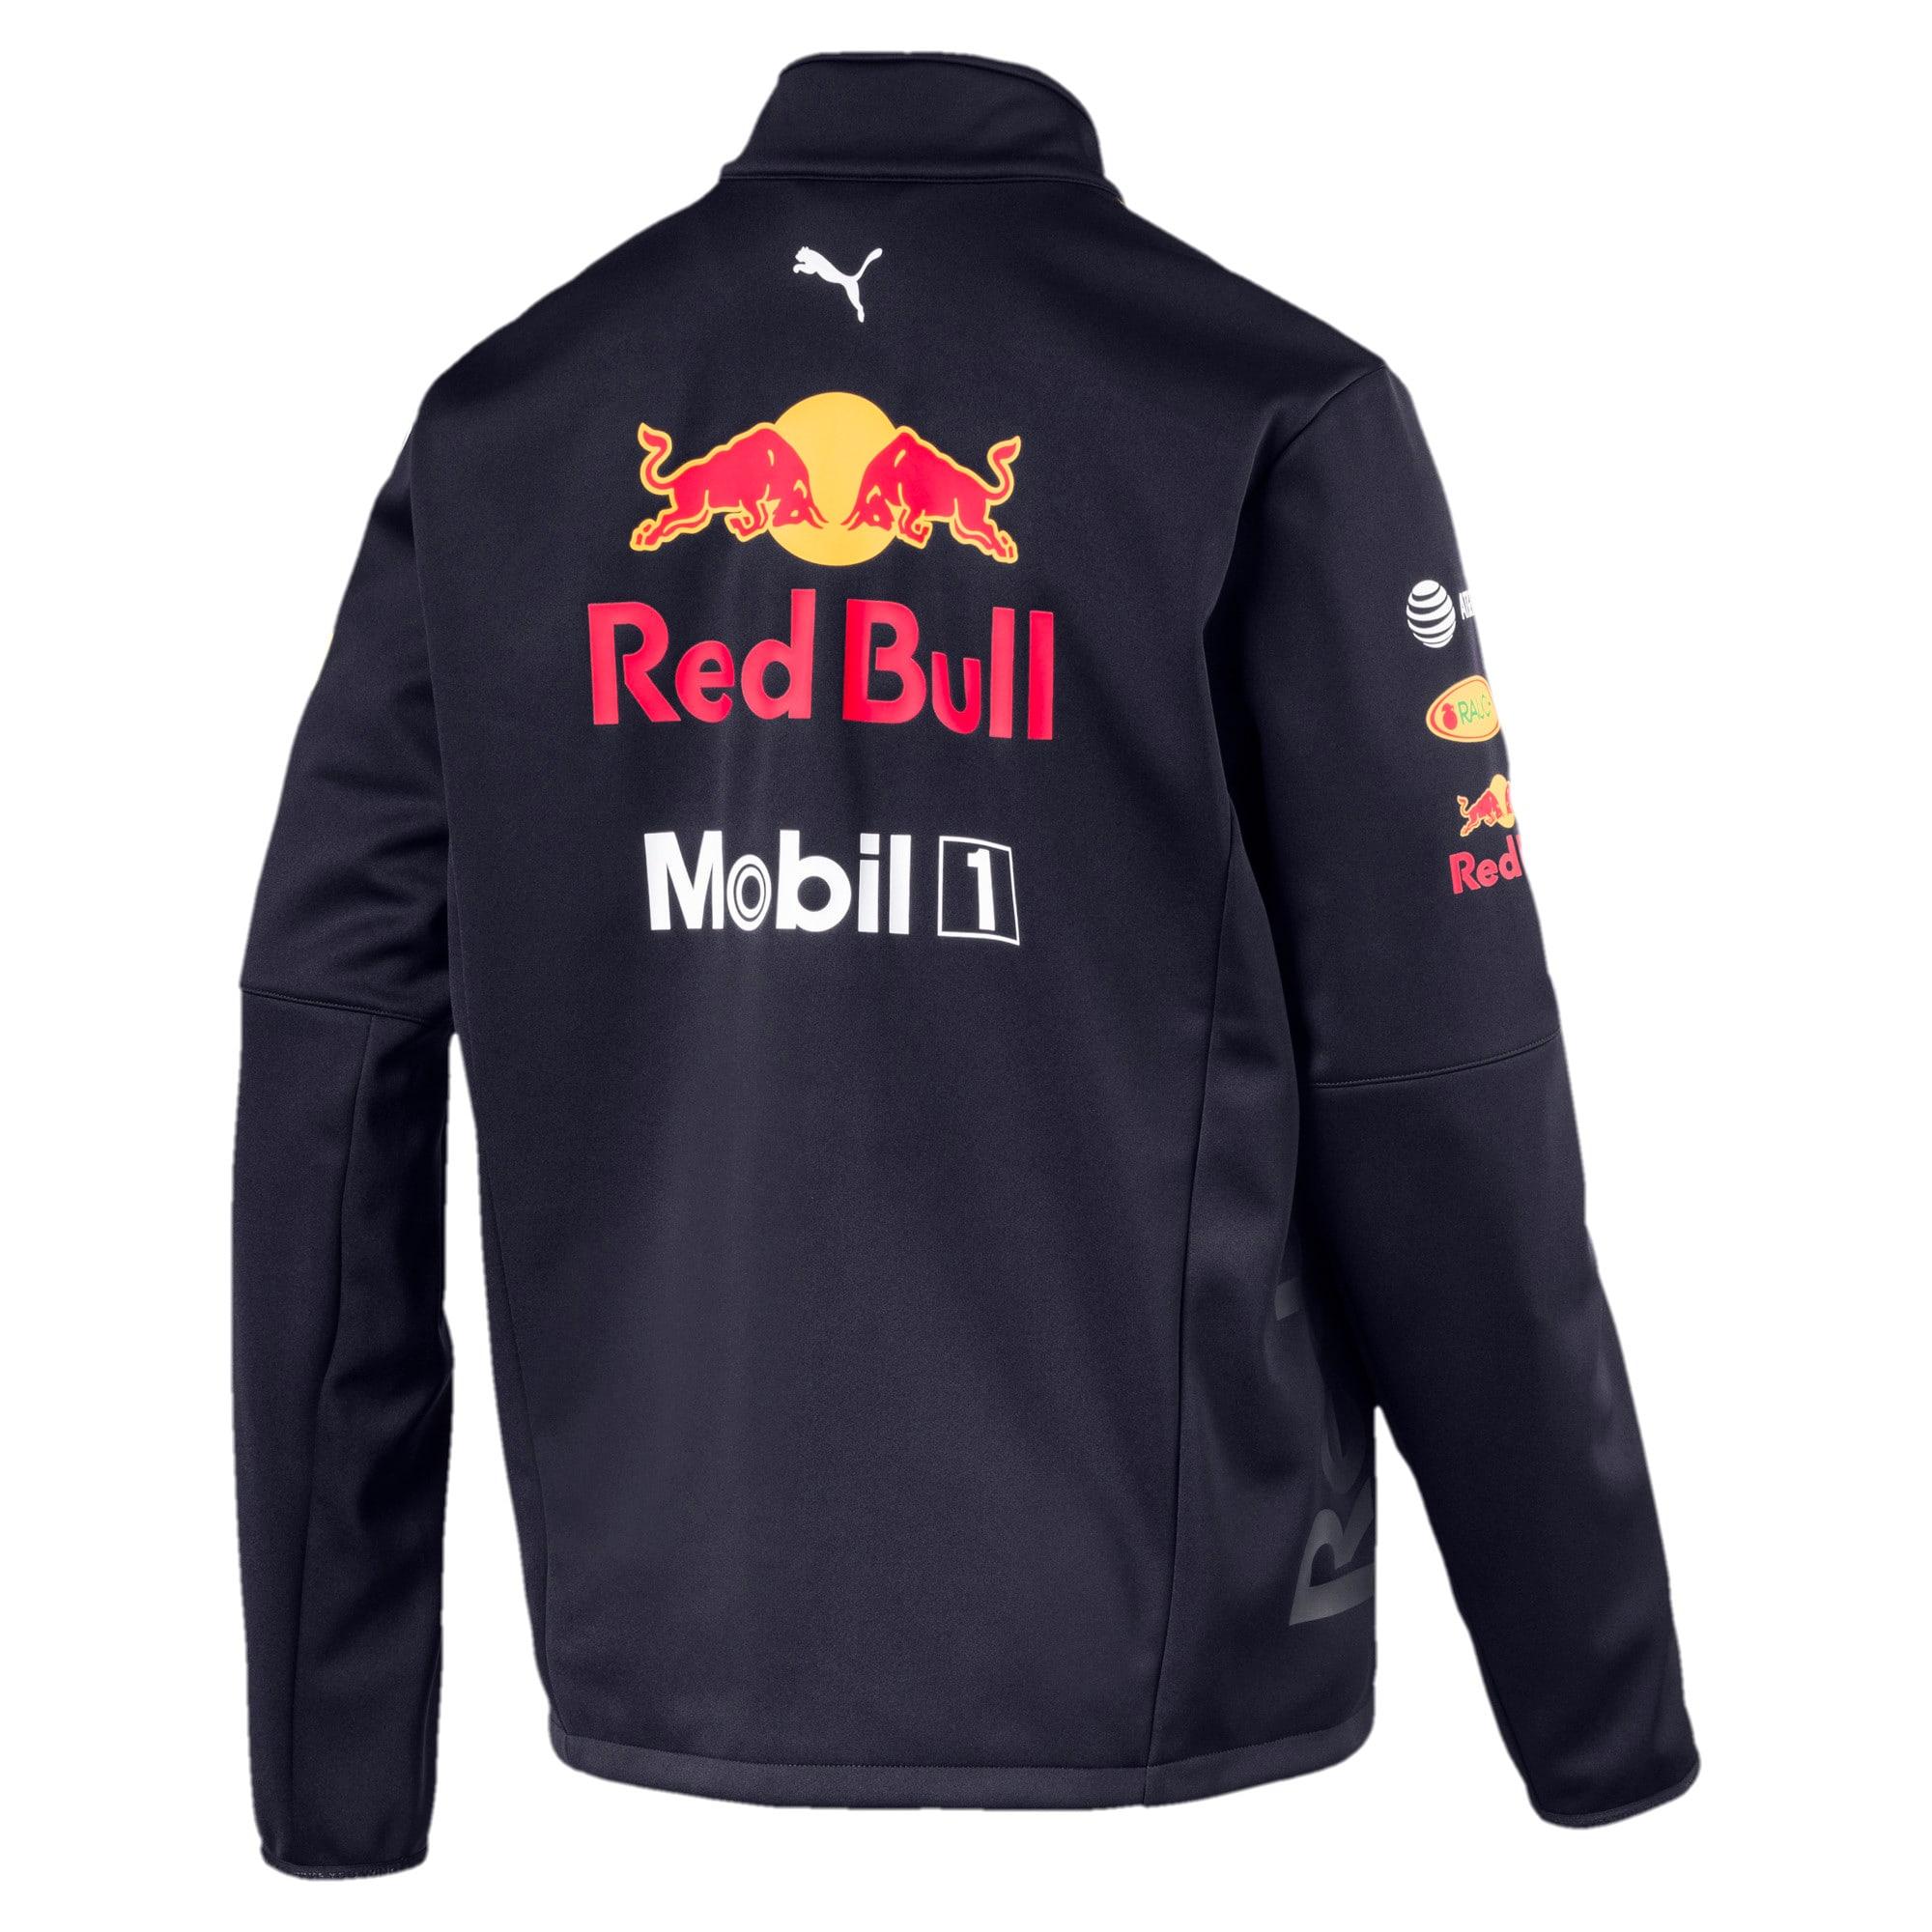 Thumbnail 3 of Red Bull Racing Men's Team Softshell, NIGHT SKY, medium